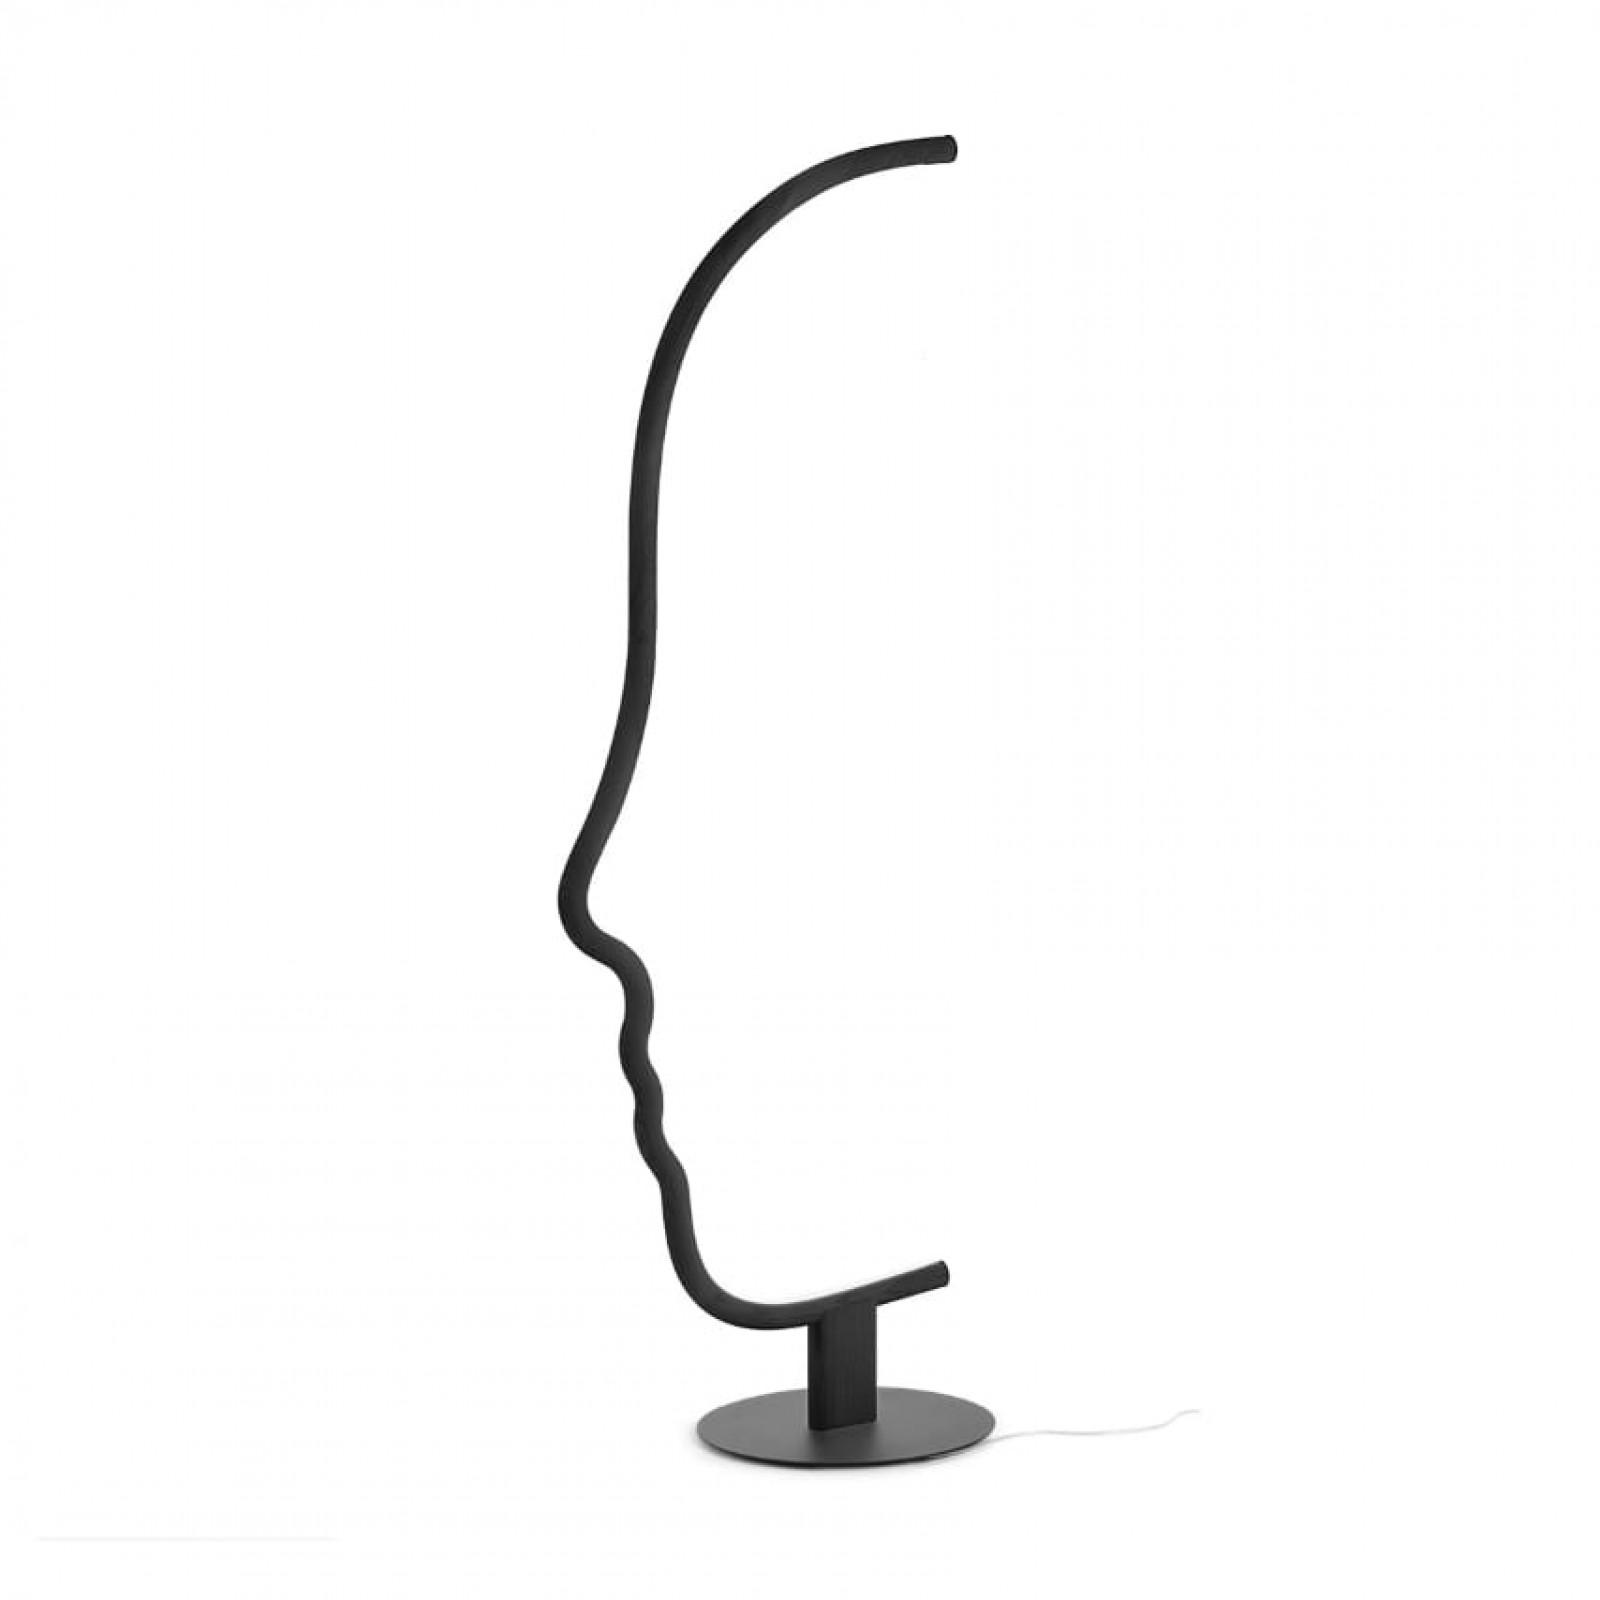 Φωτιστικό Δαπέδου Vis a Vis (Μαύρο) - Mogg